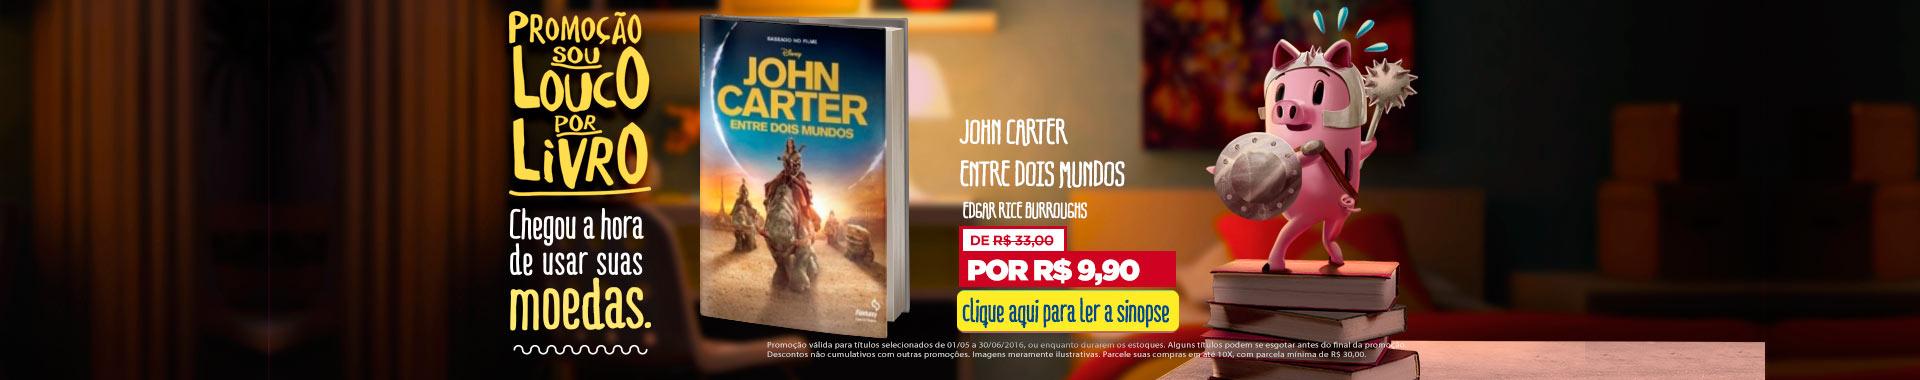 SLPL - John Carter